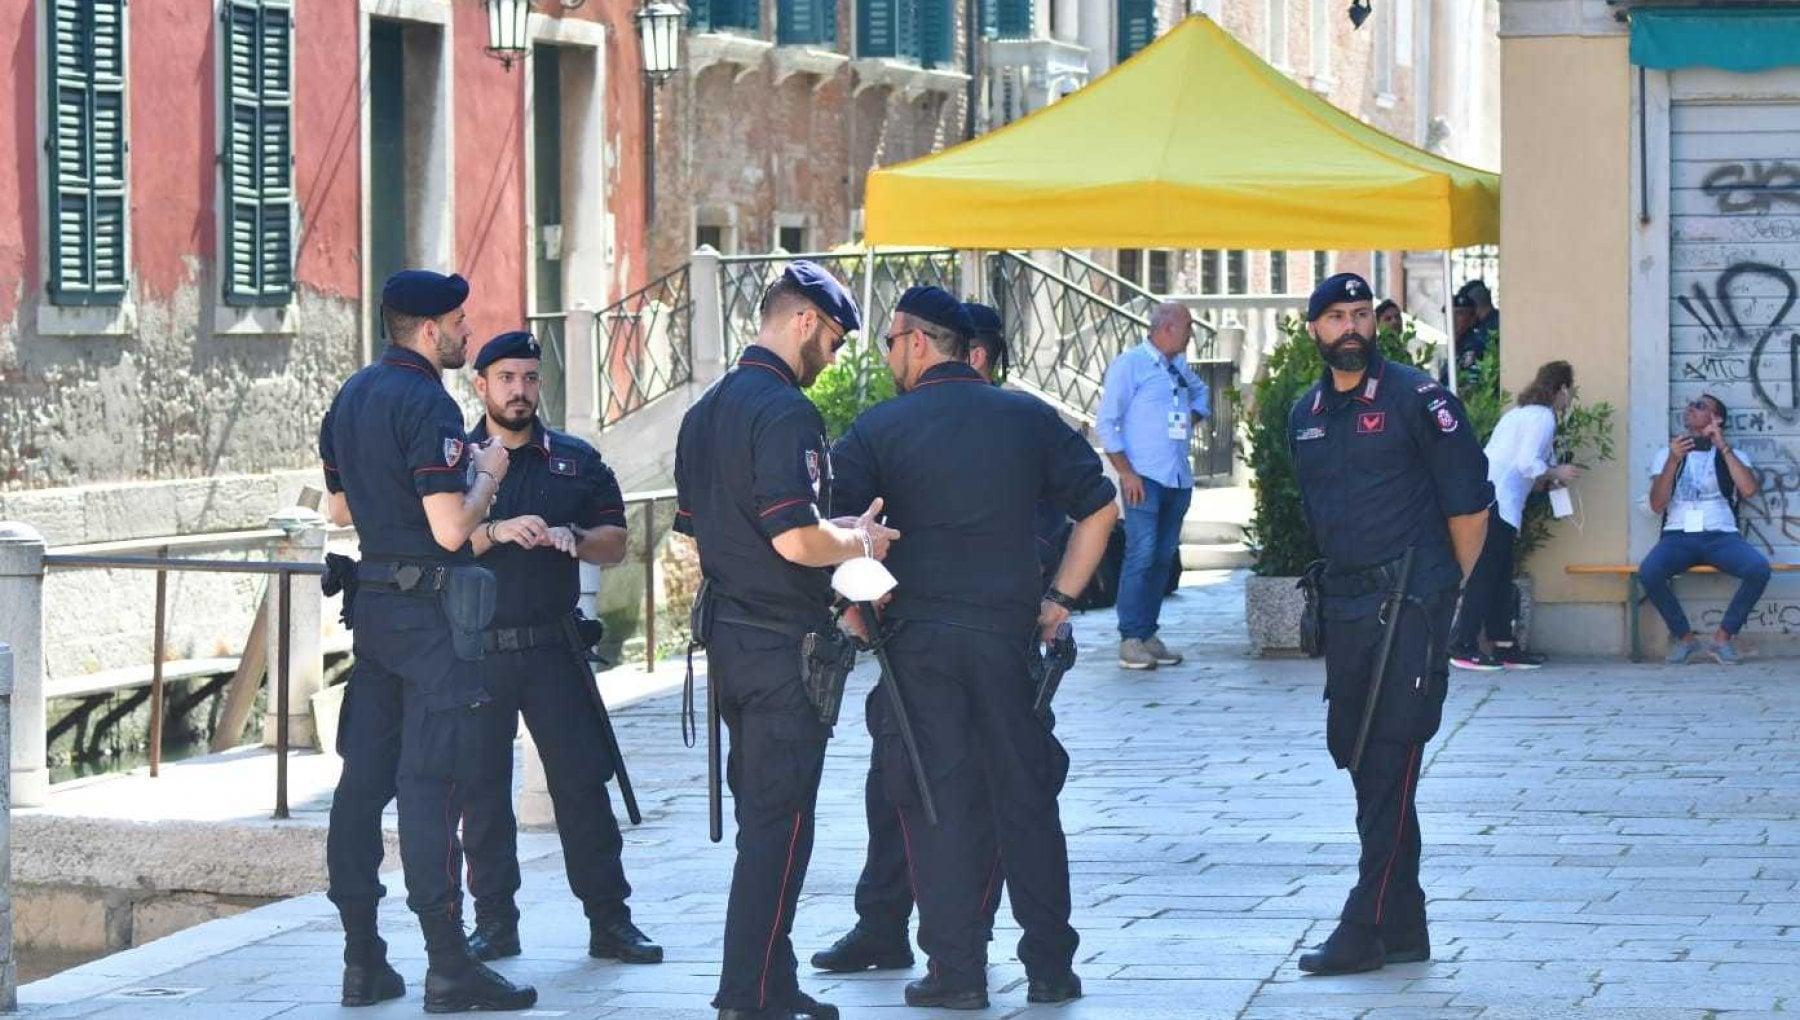 090959067 833f06f3 1caa 4ec9 90d4 e21dd397b532 - G20, Venezia si blinda per timore delle proteste: duemila agenti tra le calli e check point per i residenti